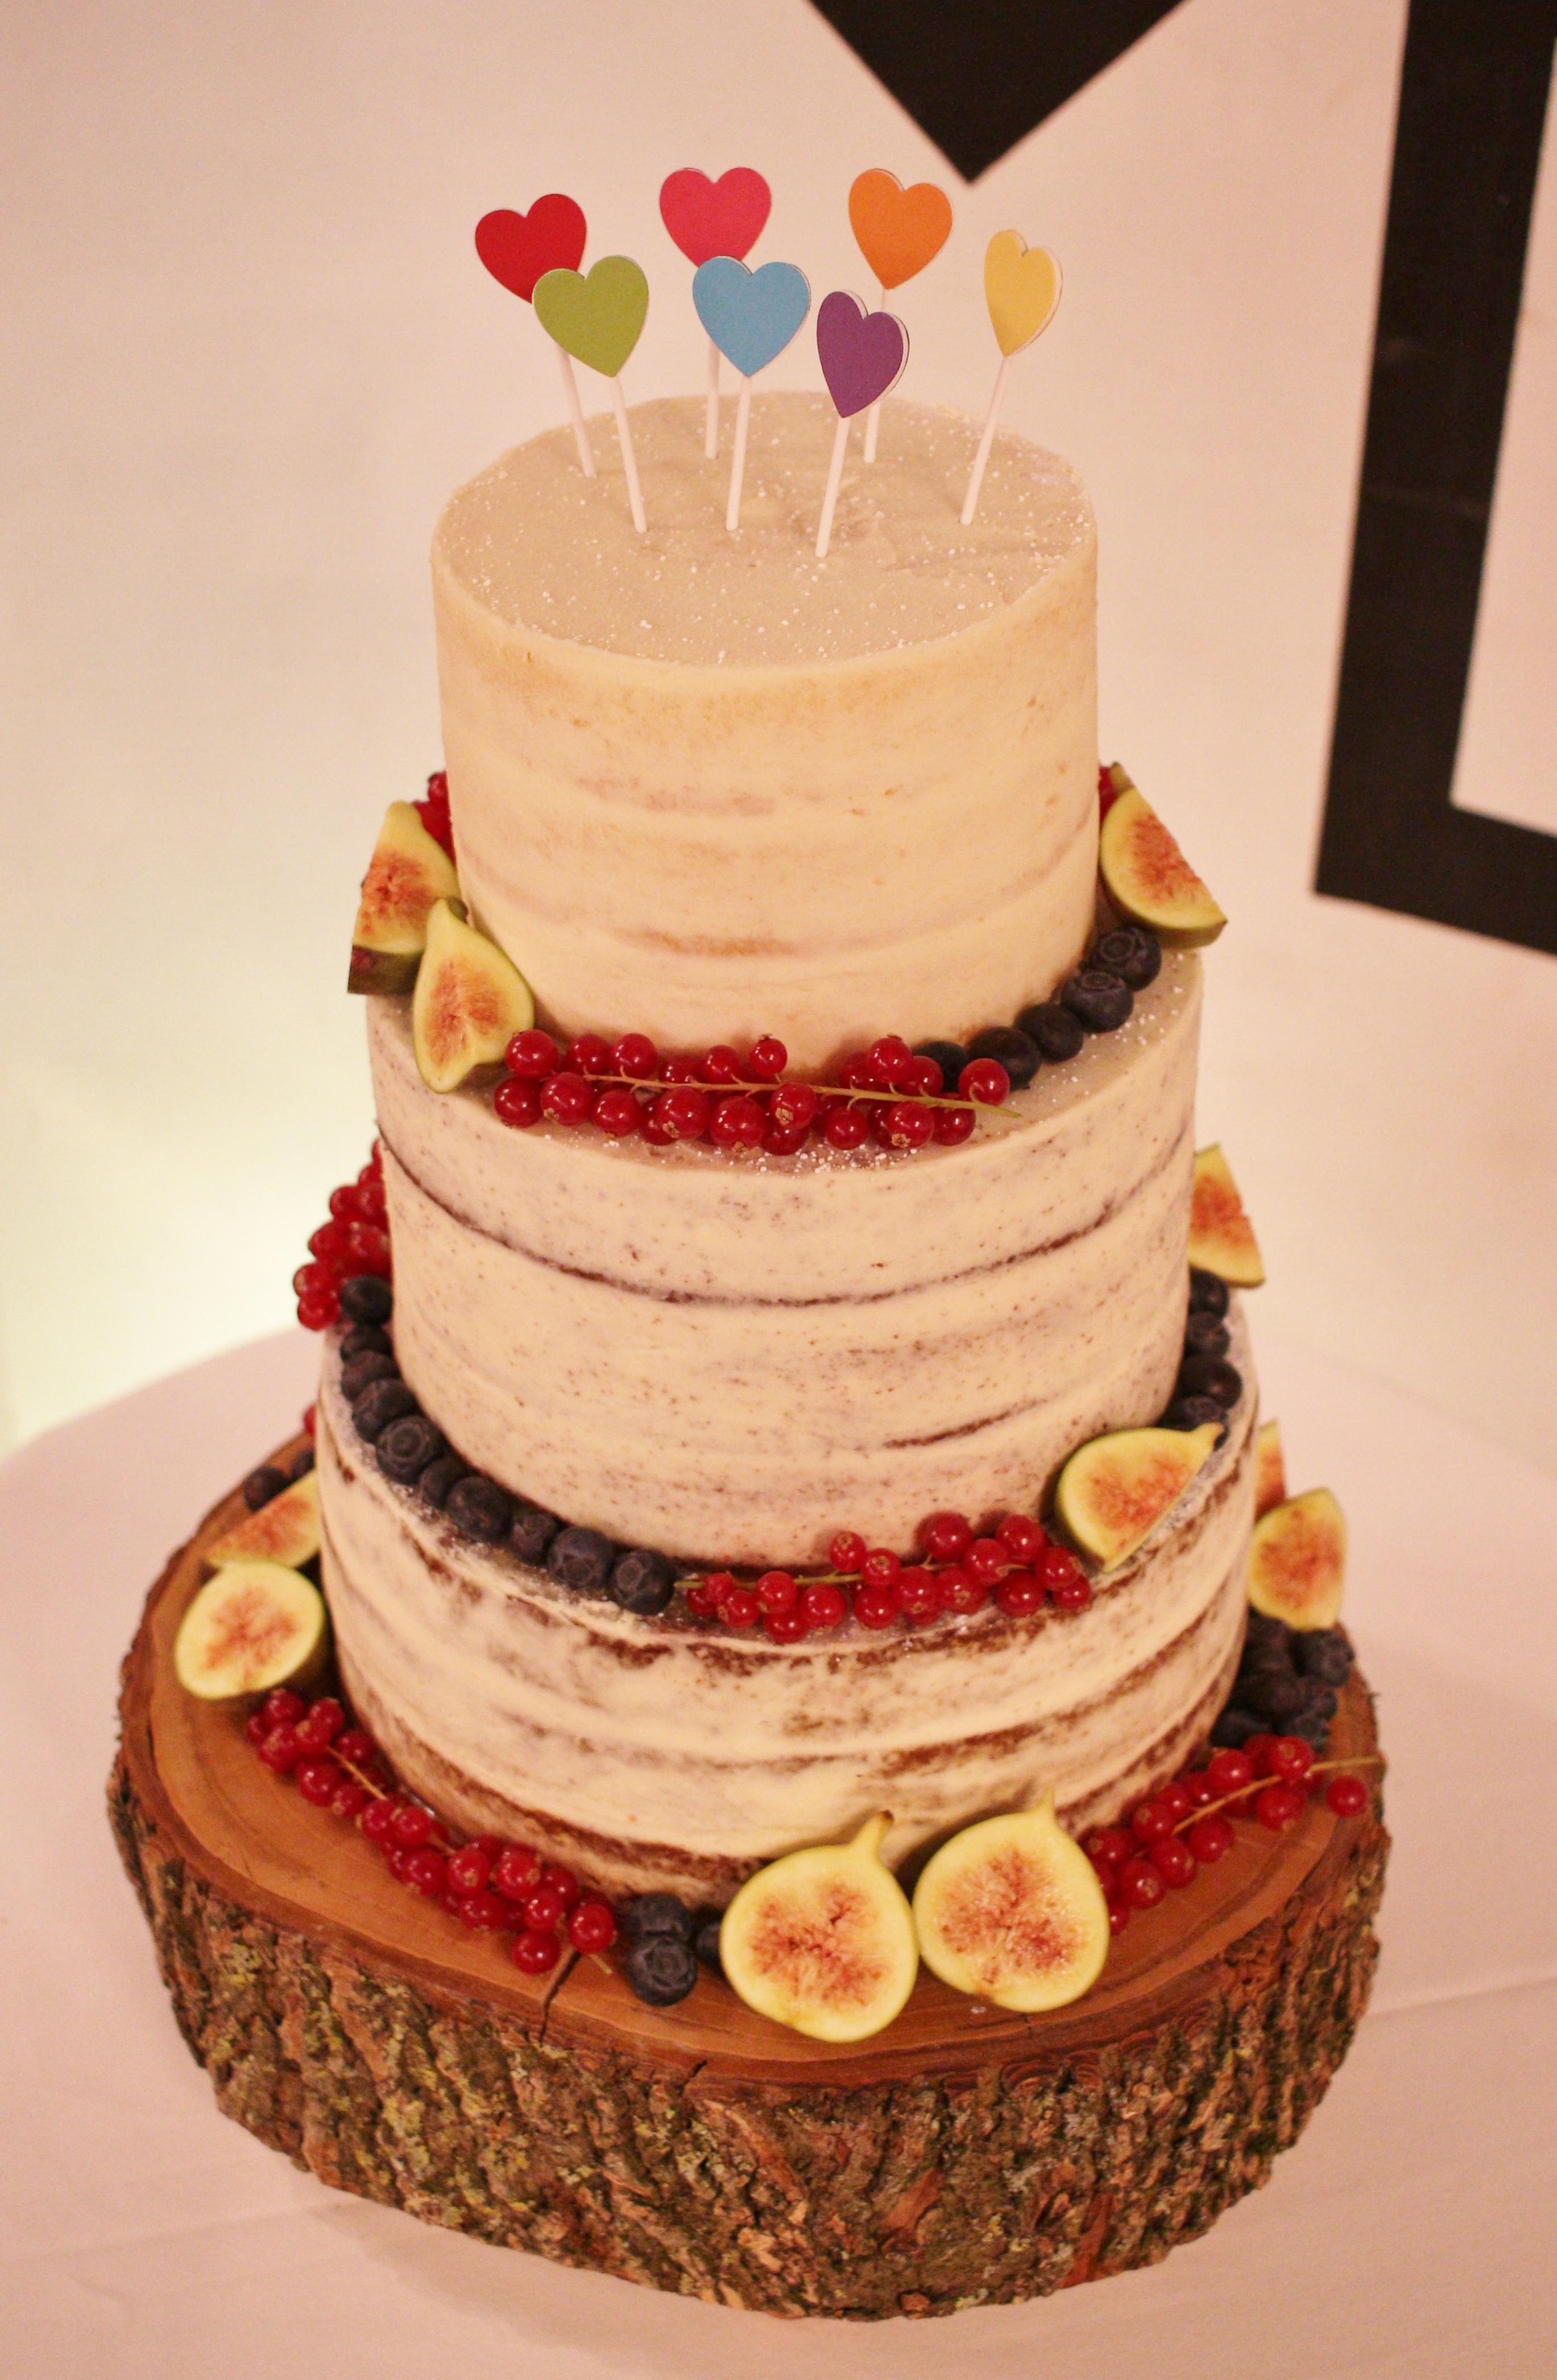 Hearts semi-naked wedding cake